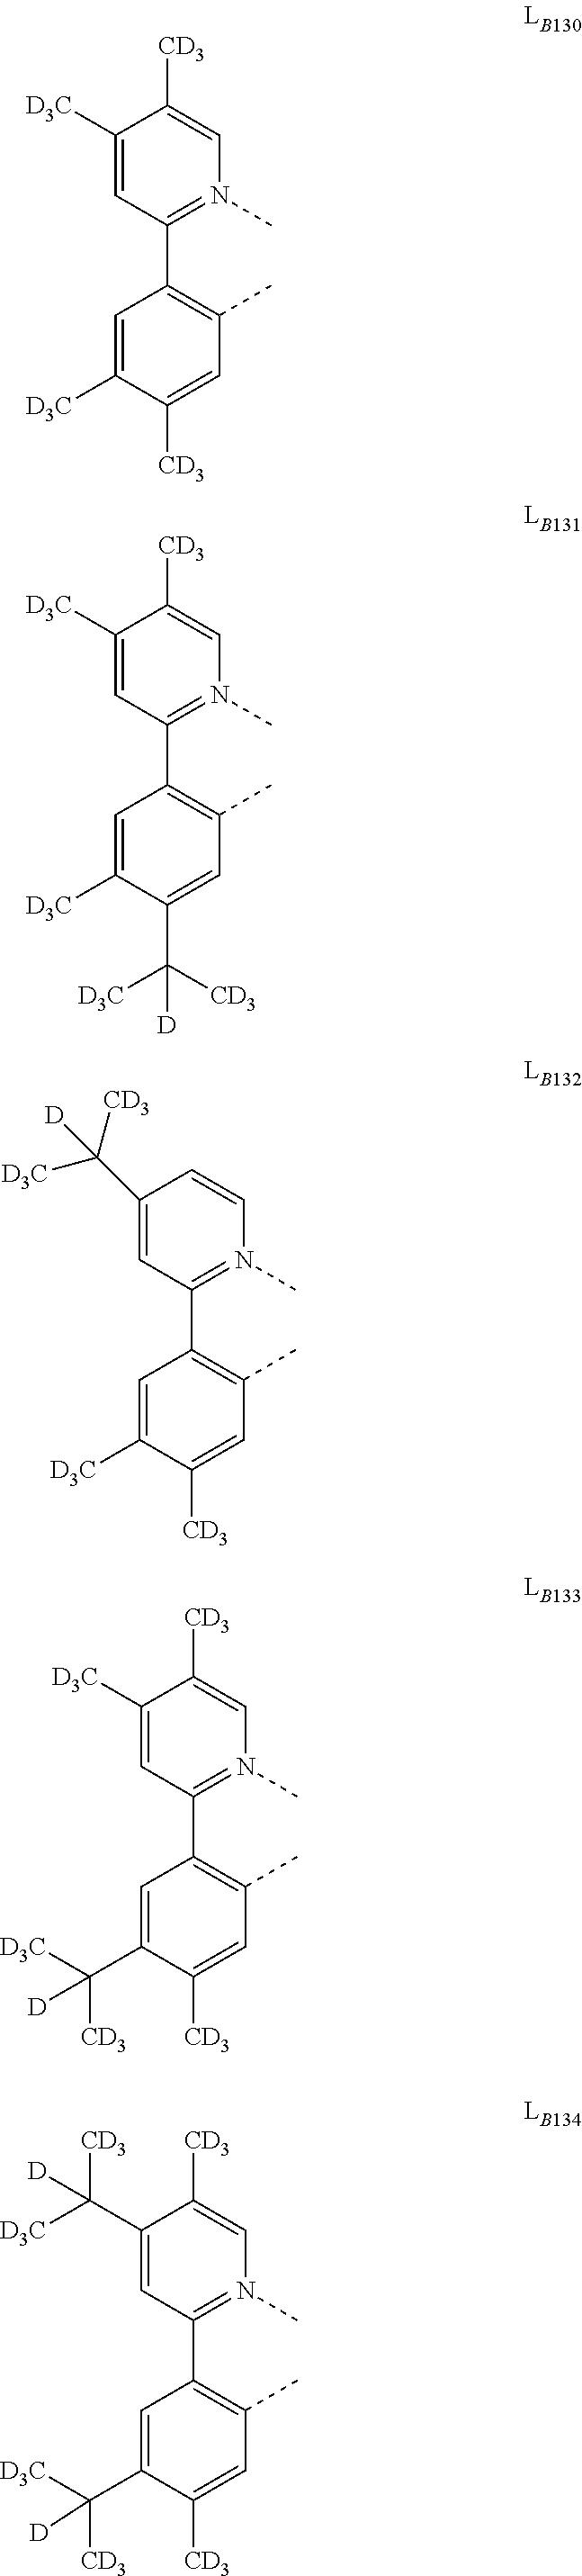 Figure US20180130962A1-20180510-C00091